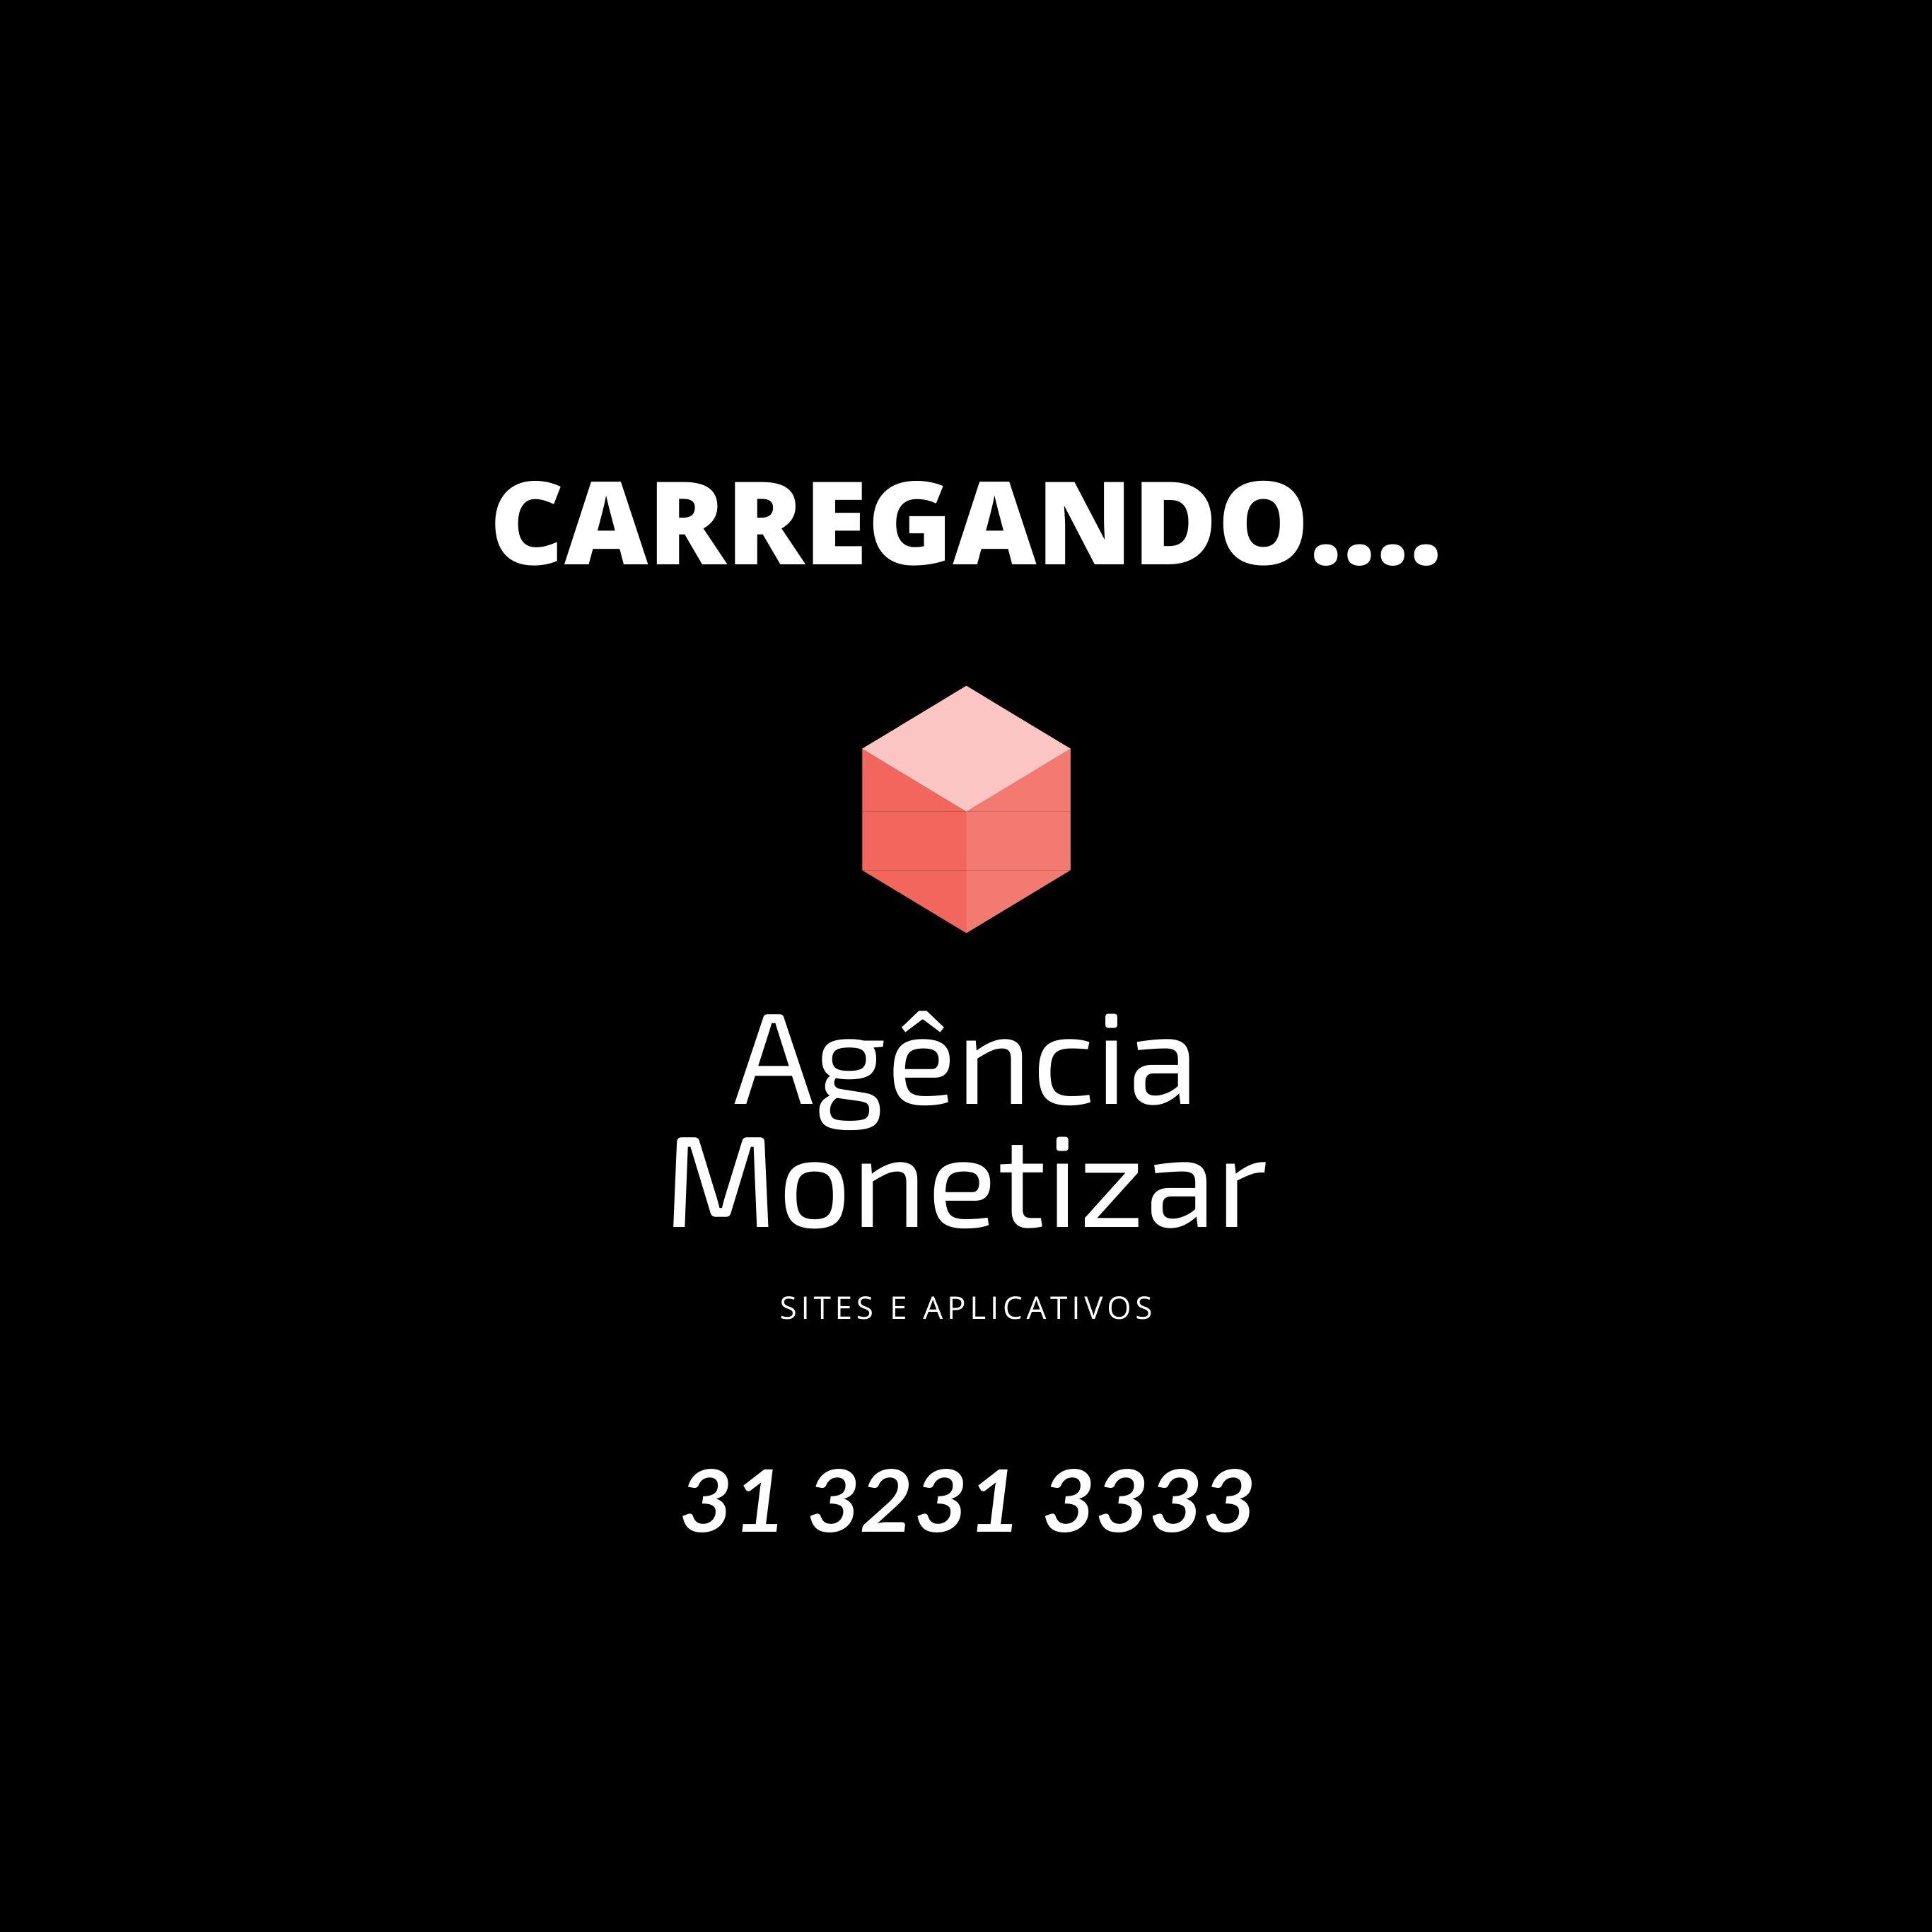 Agencia Monetizar